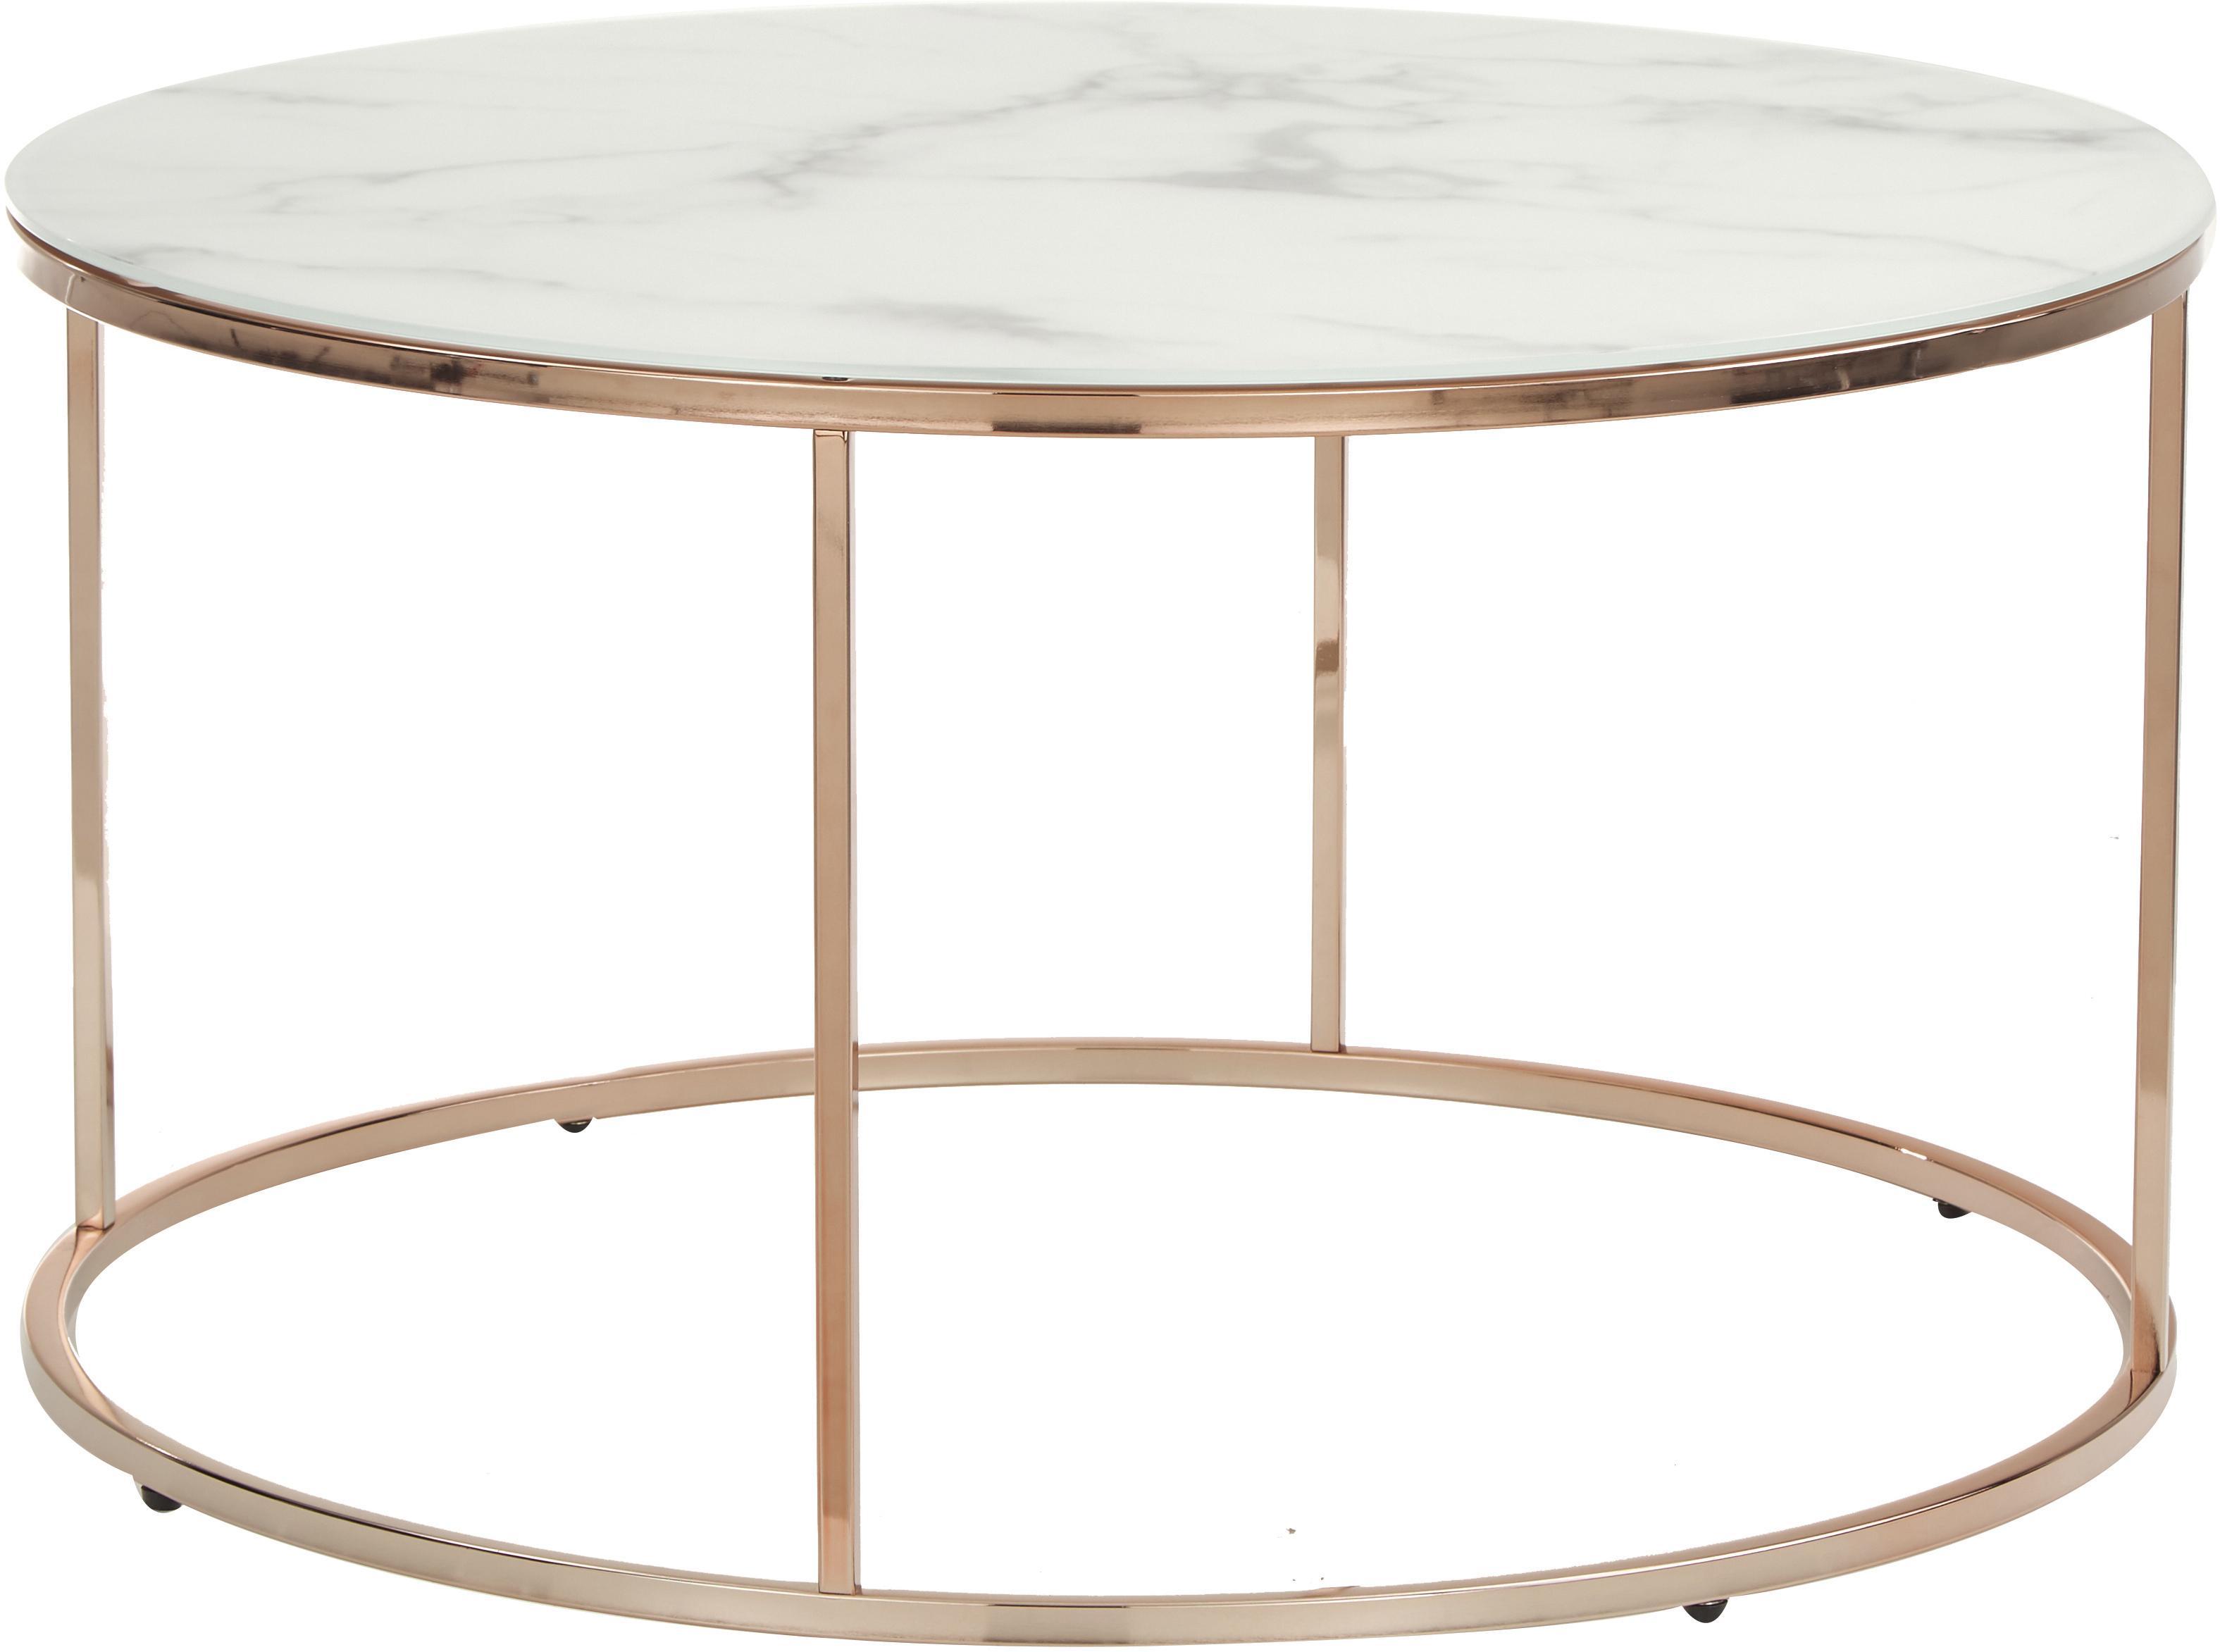 Tavolino da salotto con piano in vetro Antigua, Piano d'appoggio: vetro opaco stampato, Struttura: acciaio, ottonato, Bianco-grigio marmorizzato, rosa dorato, Ø 80 x Alt. 45 cm